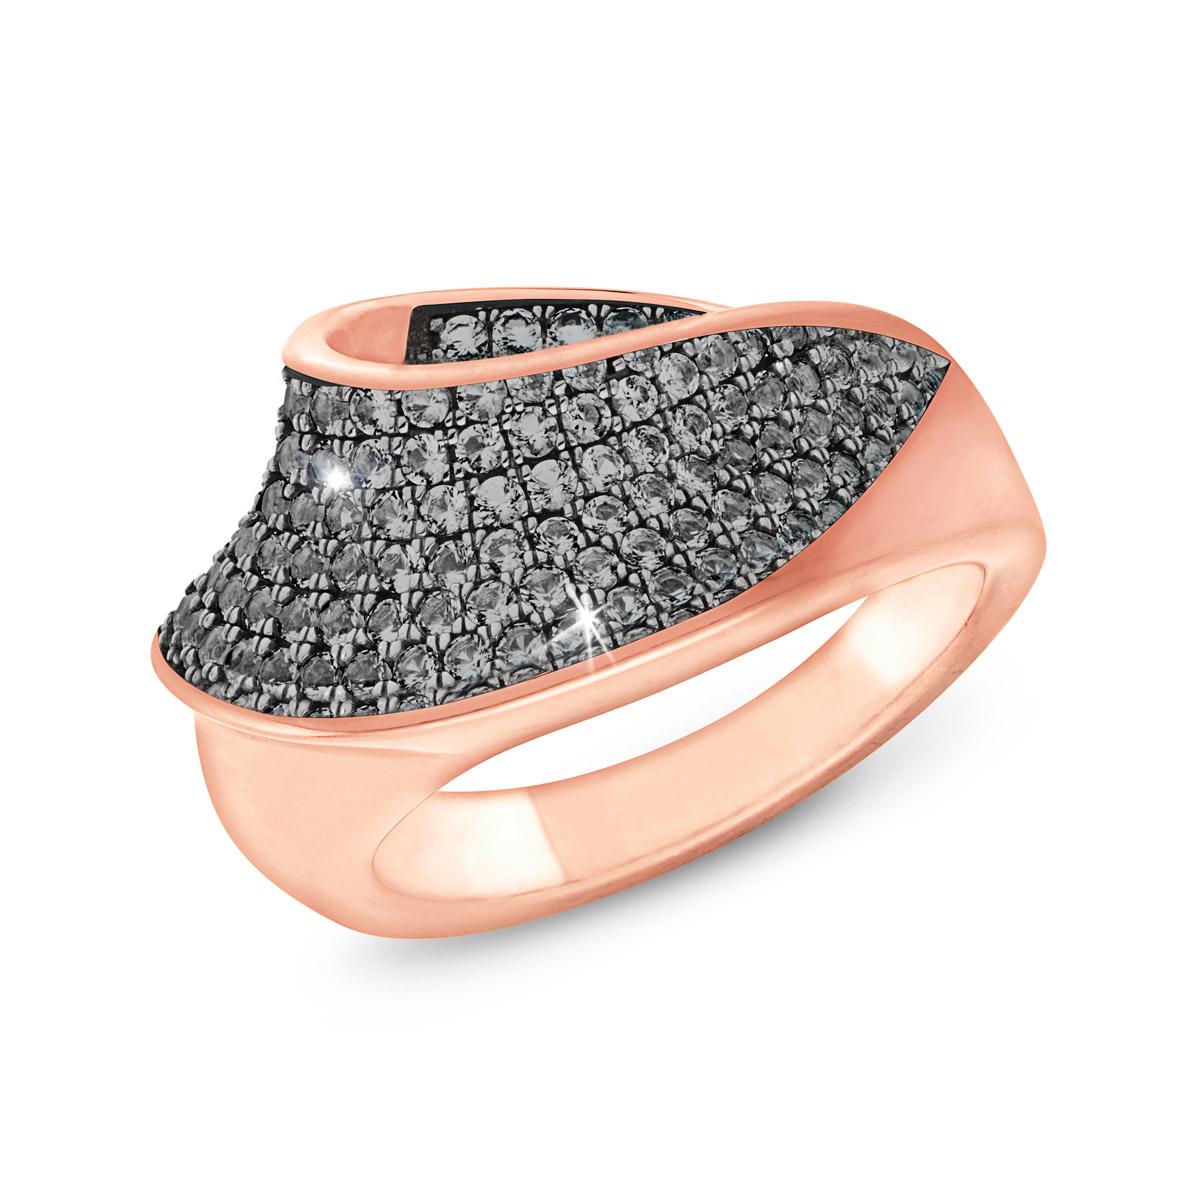 bei Uhrcenter: Joop 202350 Silber Damenring Rosé - Schmuck